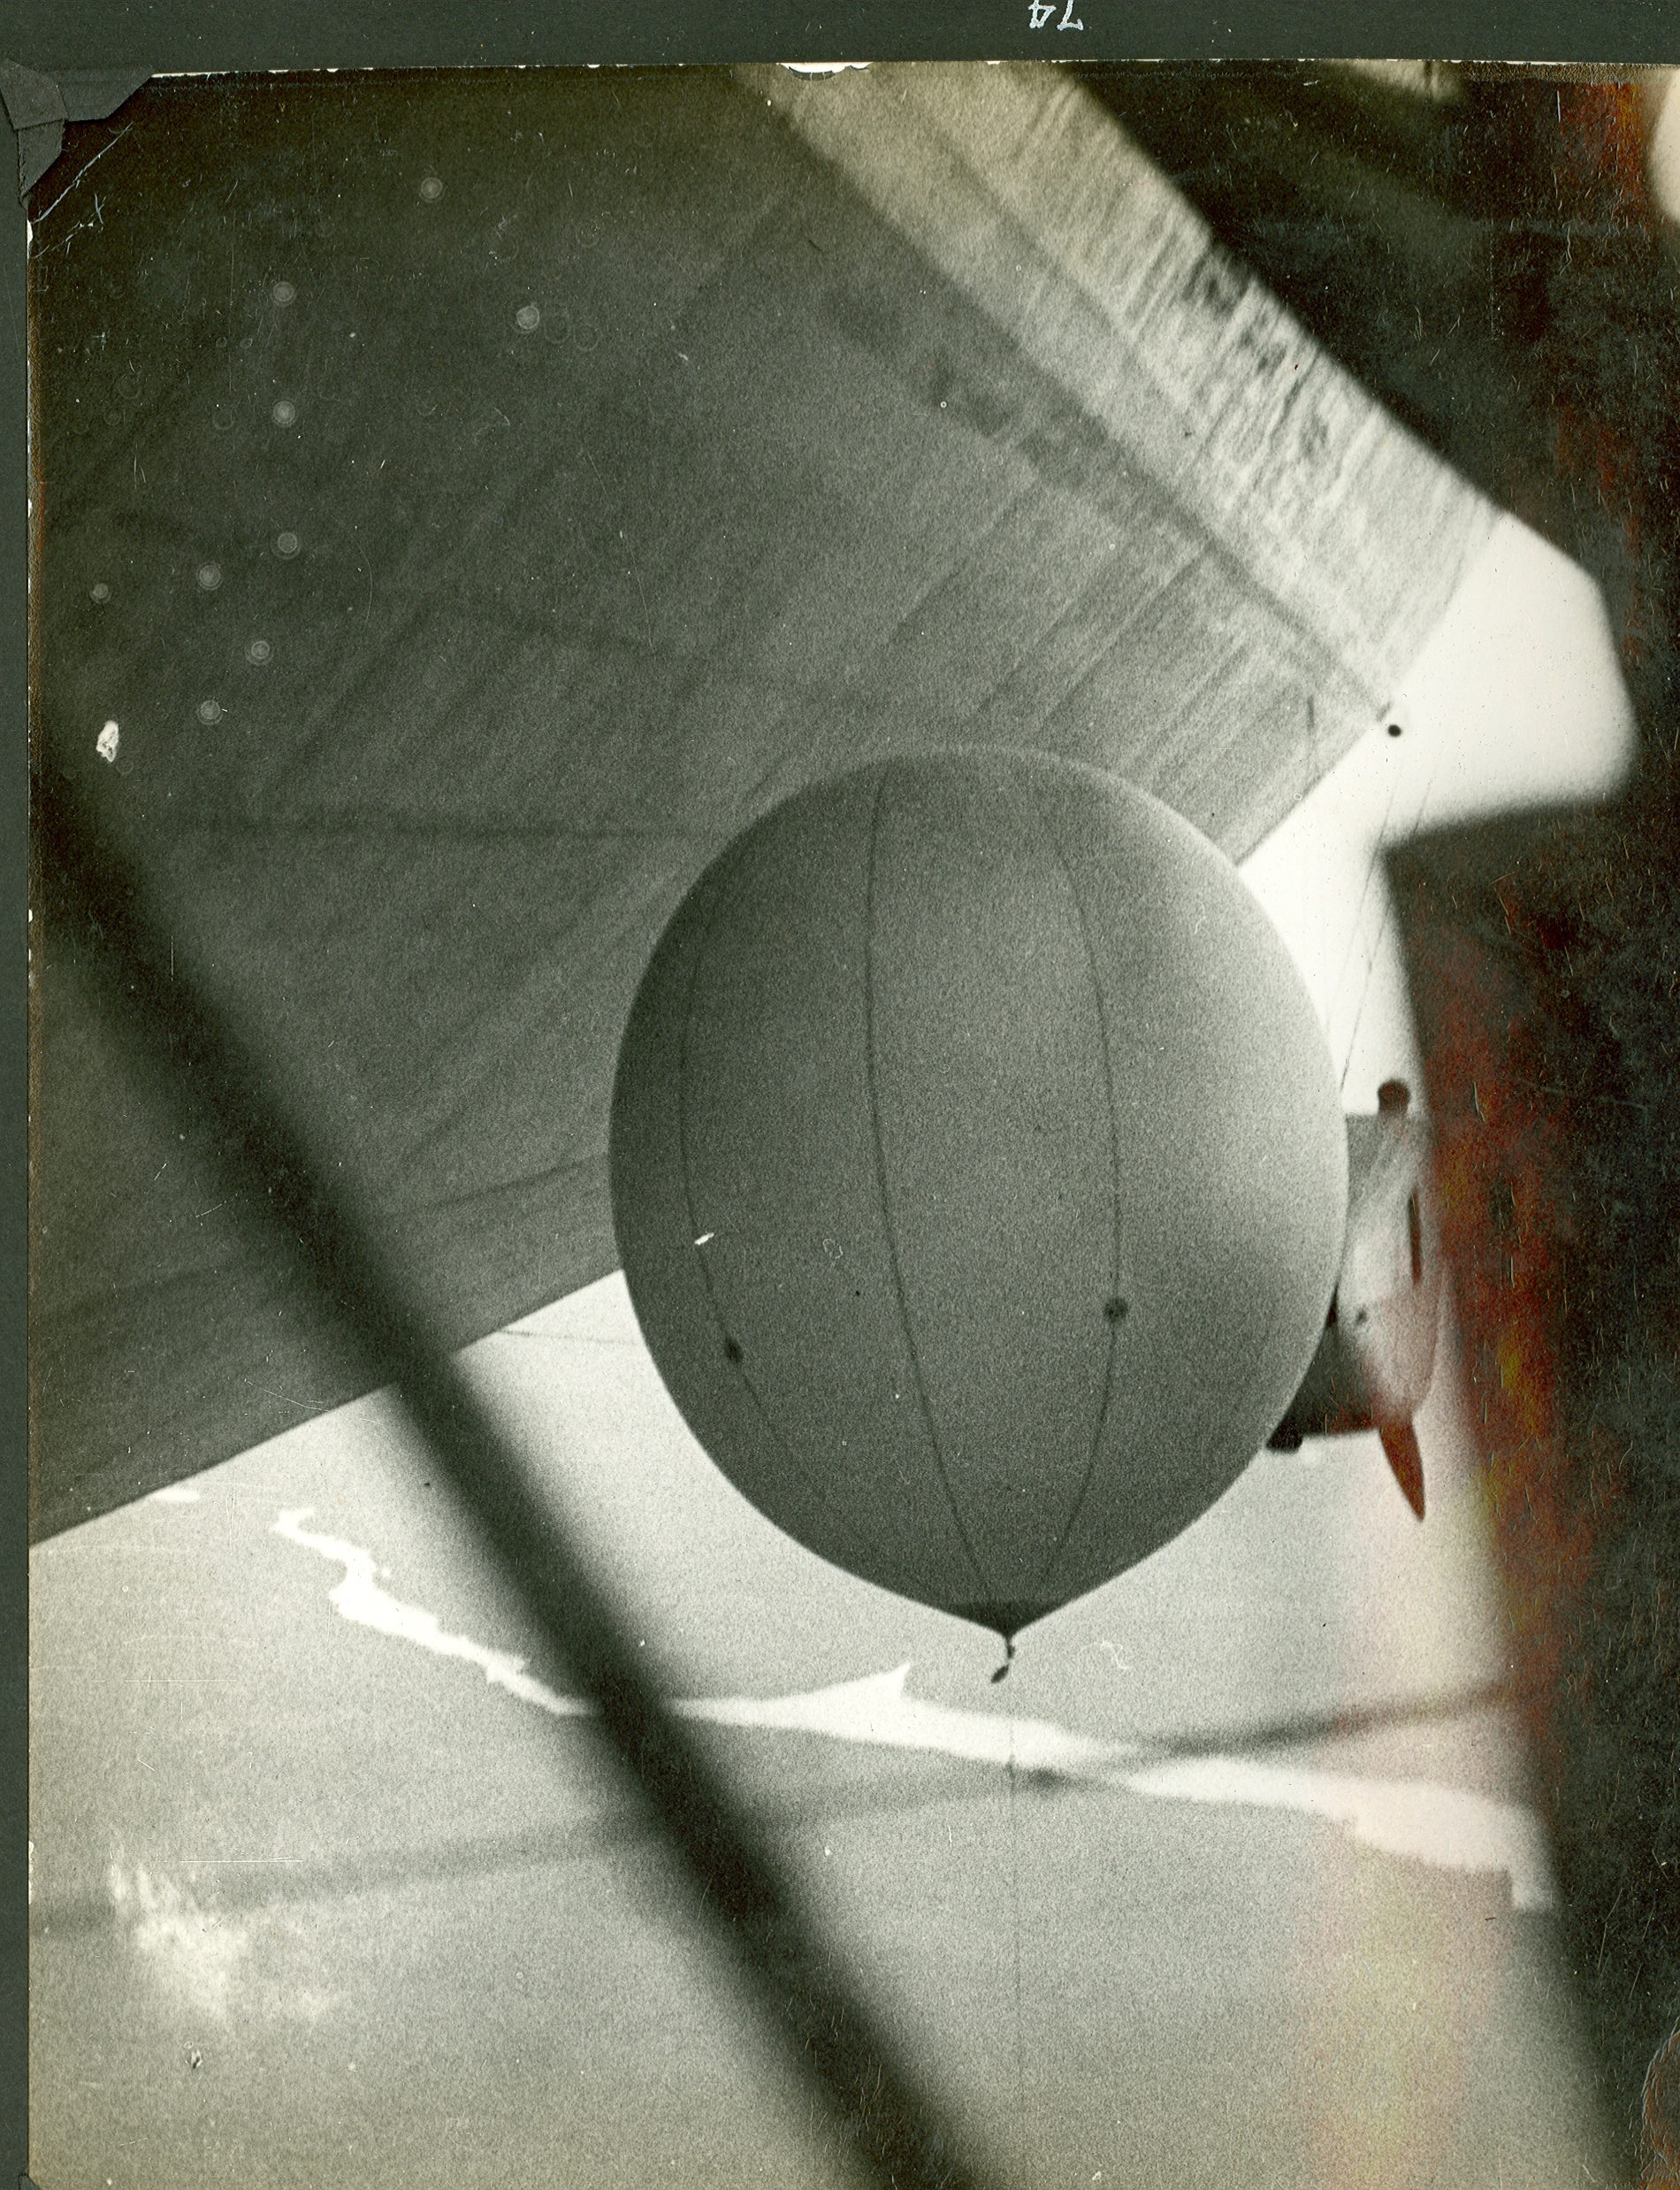 """Июль 1931 года. Запуск радиозонда с """"Графа Цеппелина"""". Съёмка из мотогондолы дирижабля."""